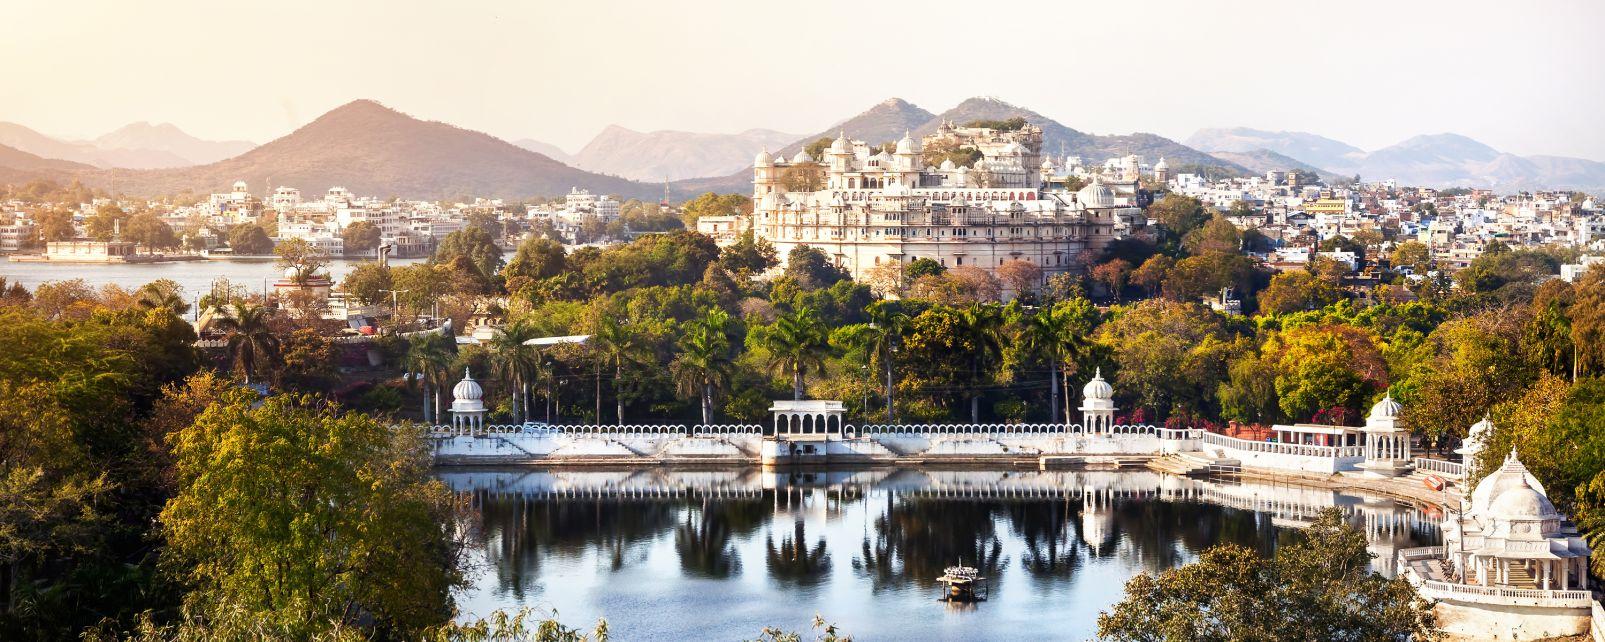 El Palacio de la Ciudad, Udaipur, la India, El Palacio de la Ciudad de Udaipur, Arte y cultura, Rajastán